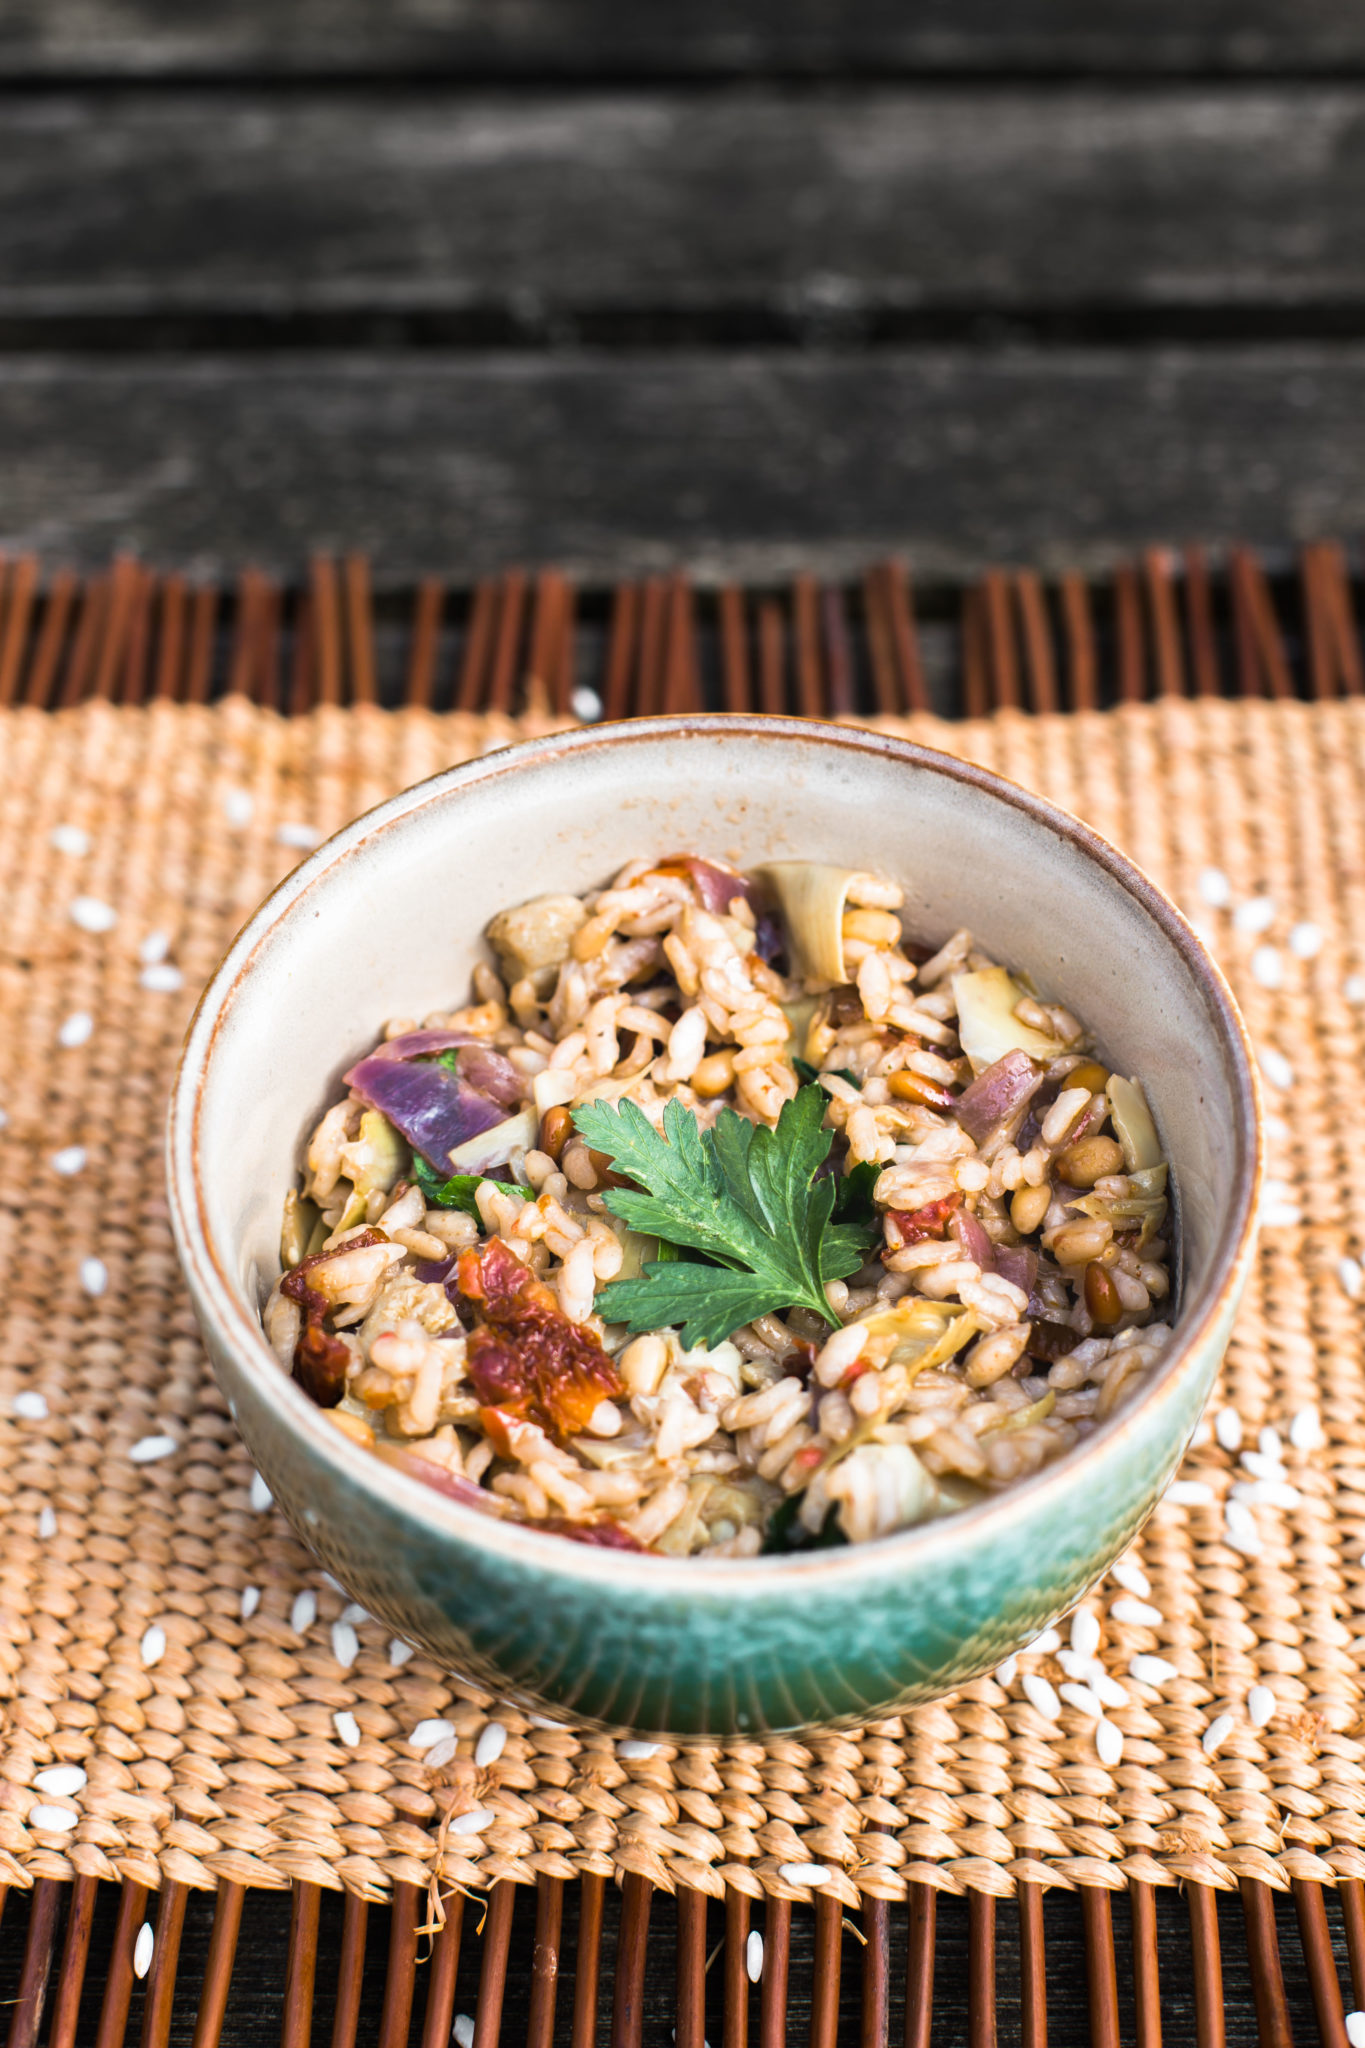 Recept risotto met artisjokken en zongedroogde